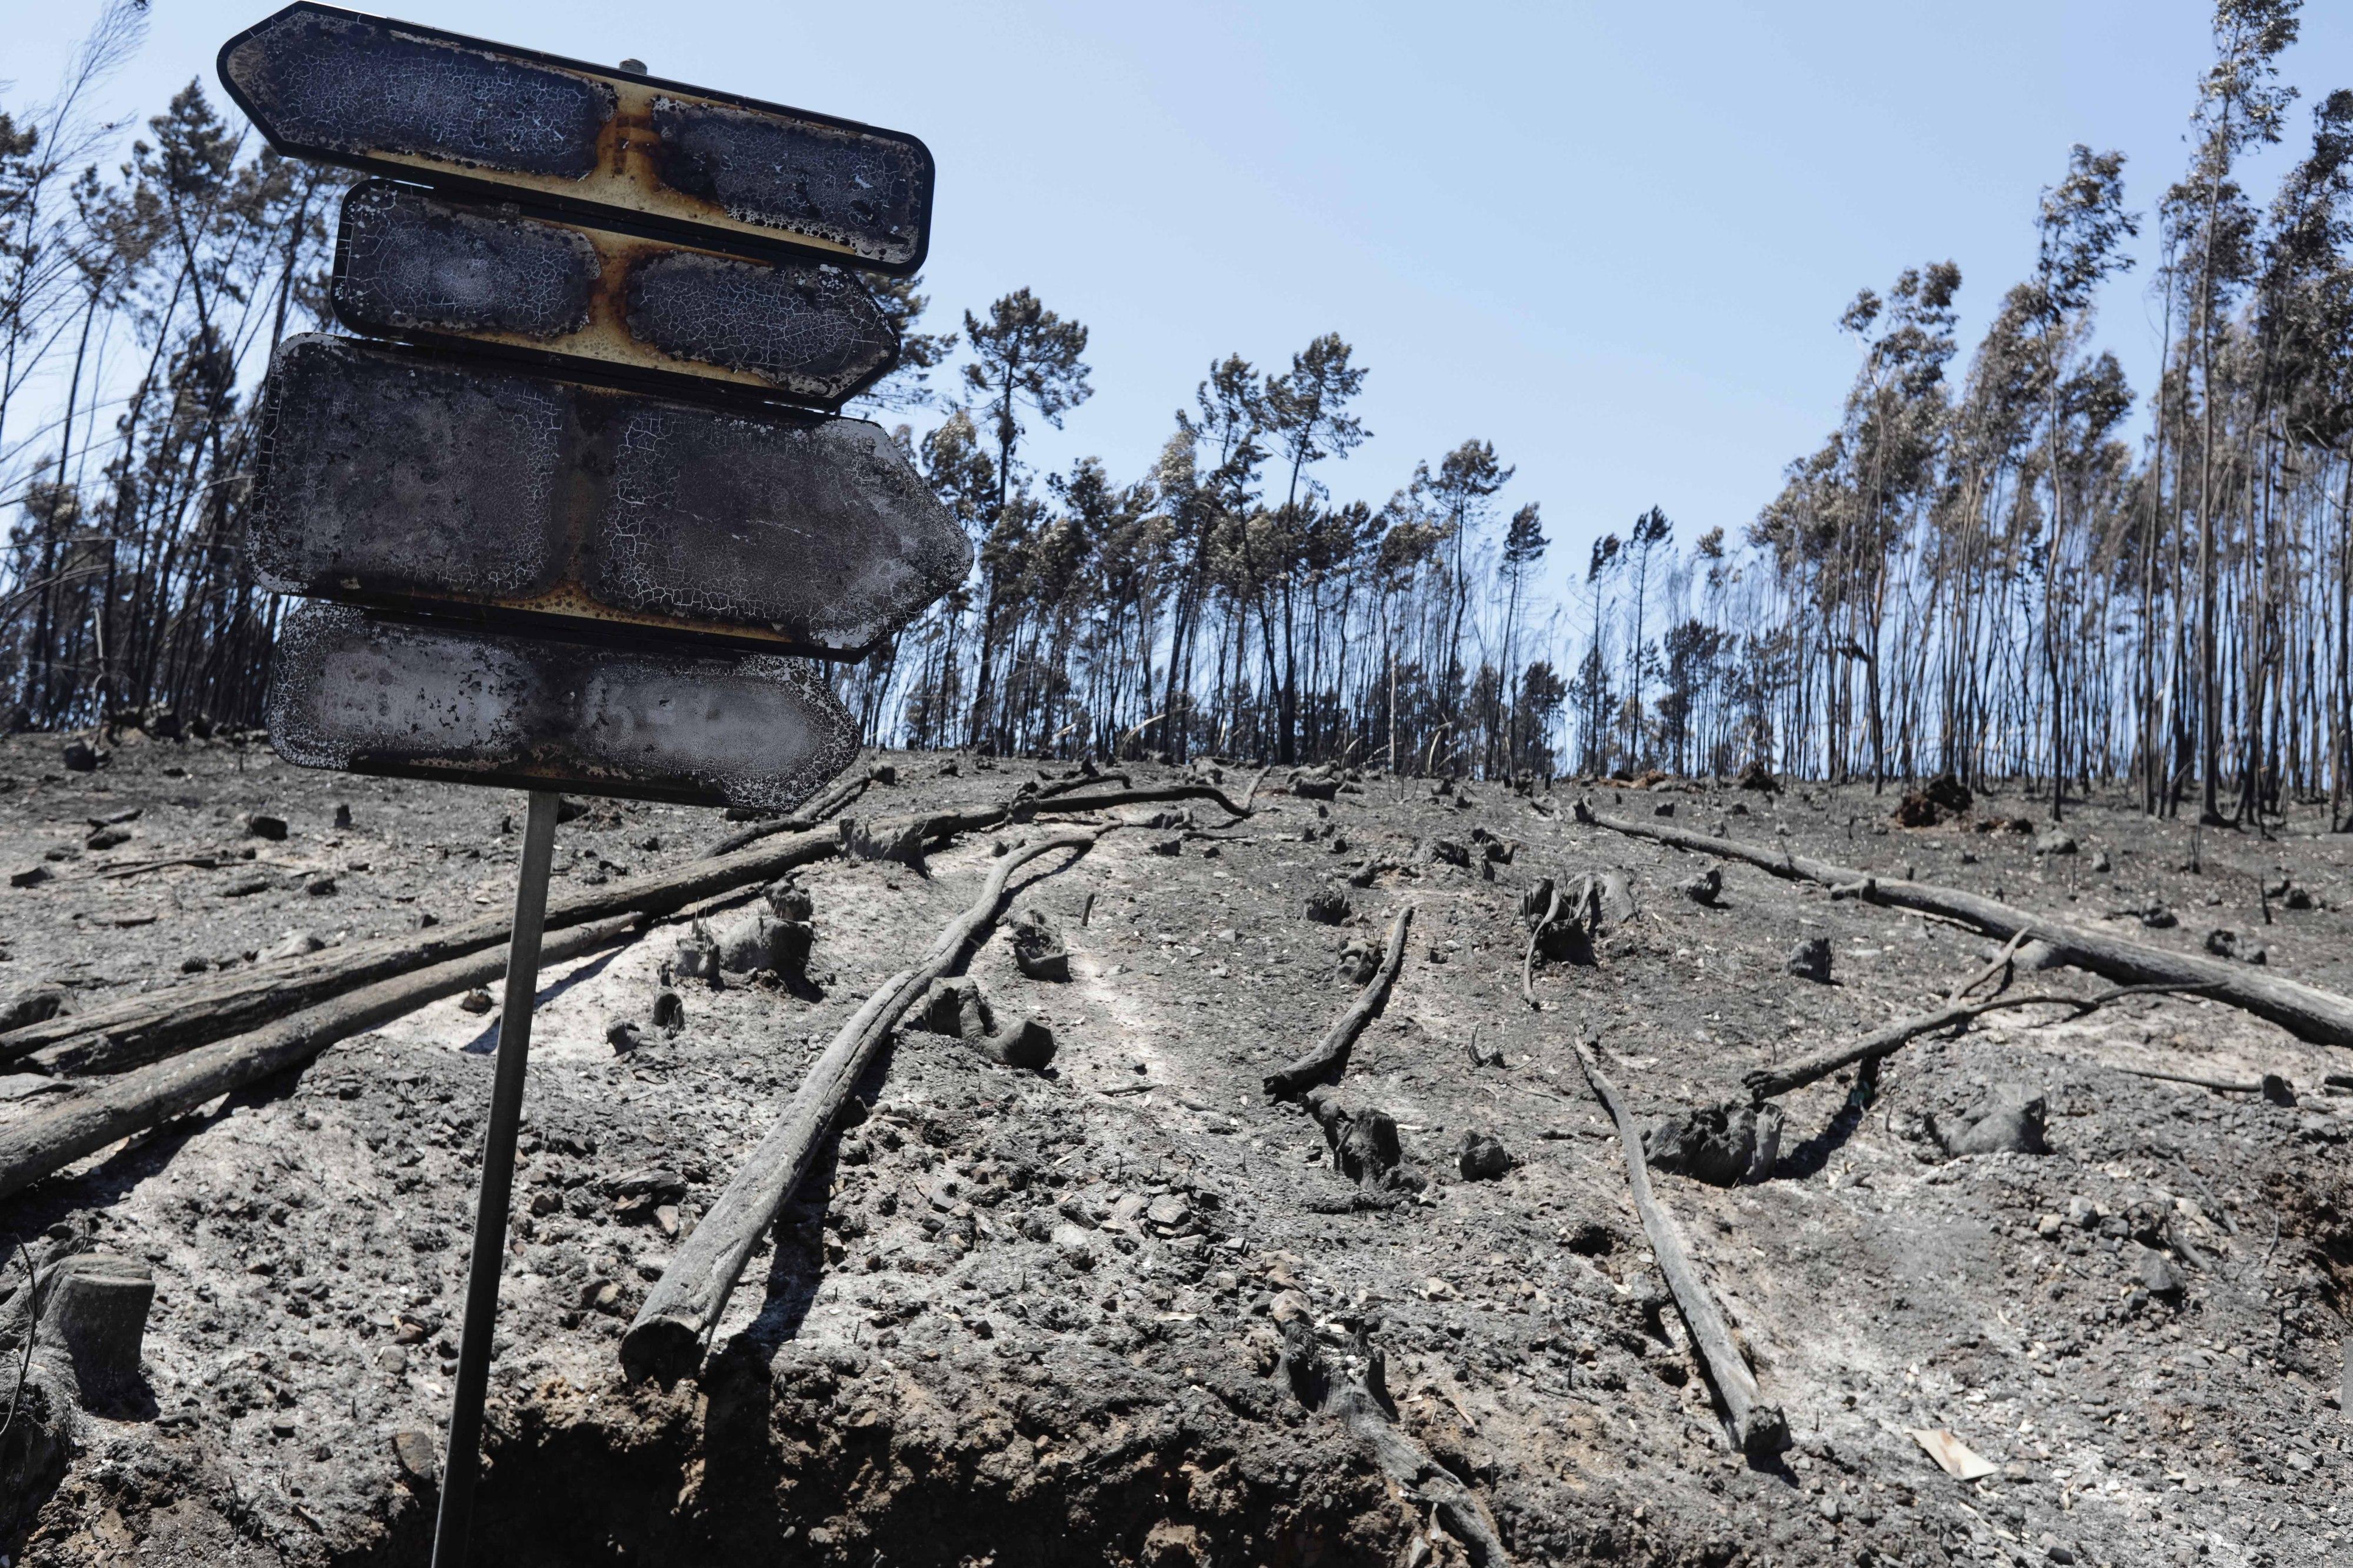 Comissão defende apoio a vítimas dos incêndios na saúde mental como em Pedrógão